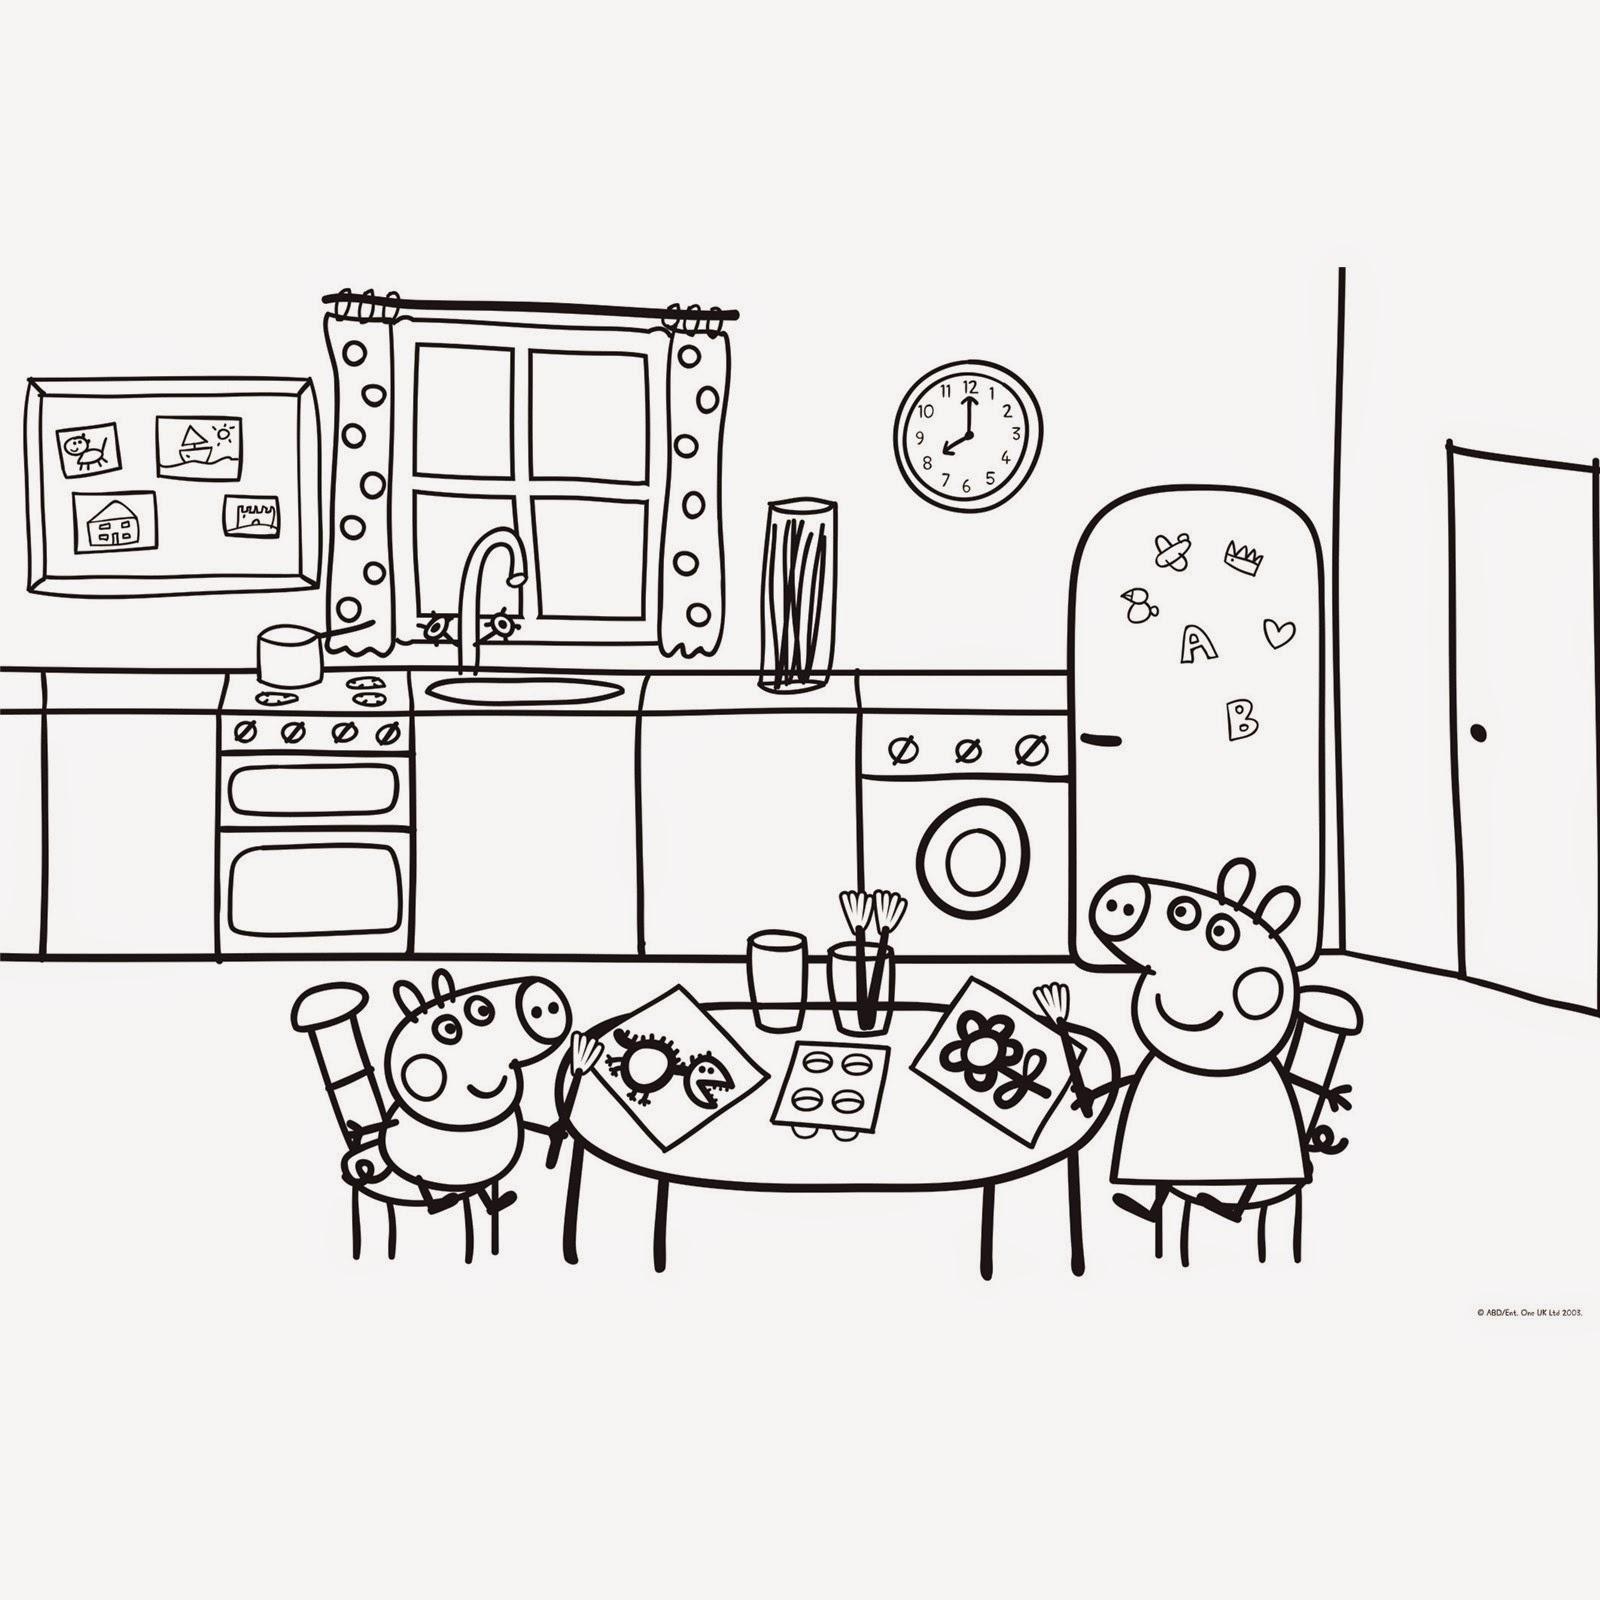 Juegos sara dibujos para colorear sobre la cocina y cocineros - Imagenes de cocinas para imprimir ...